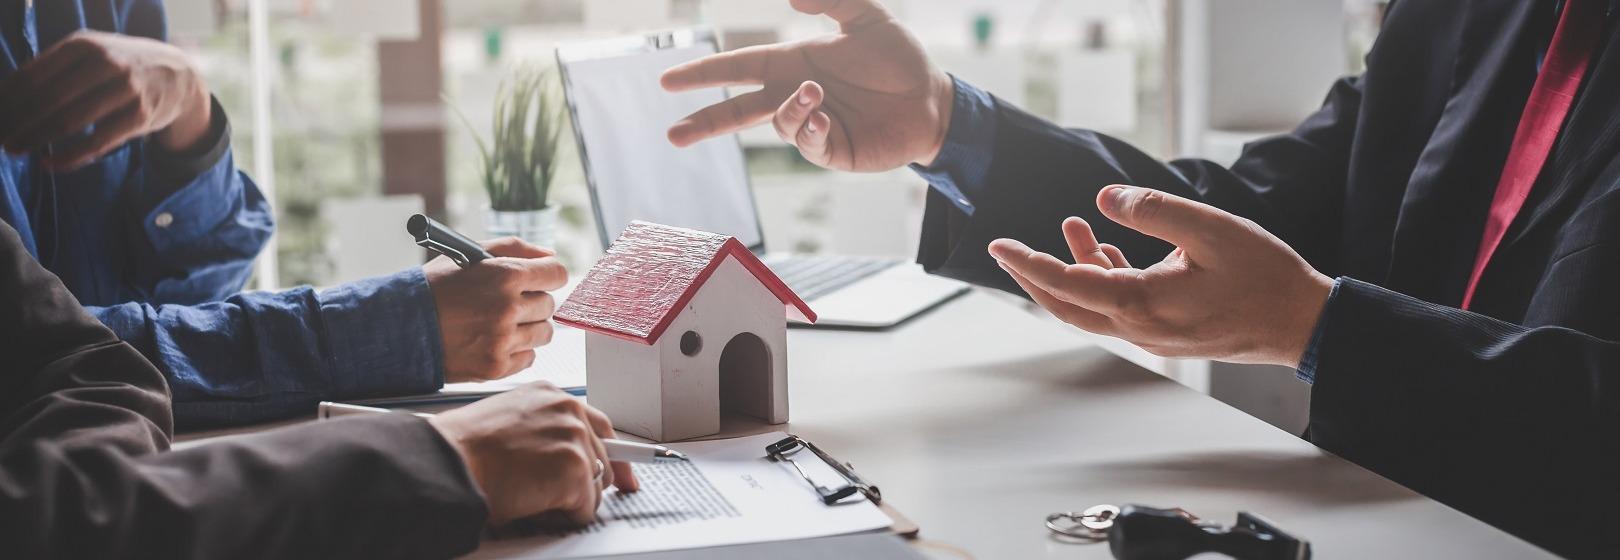 inwestorzy analizują miejscowy plan zagospodarowania przestrzennego z kierownikiem